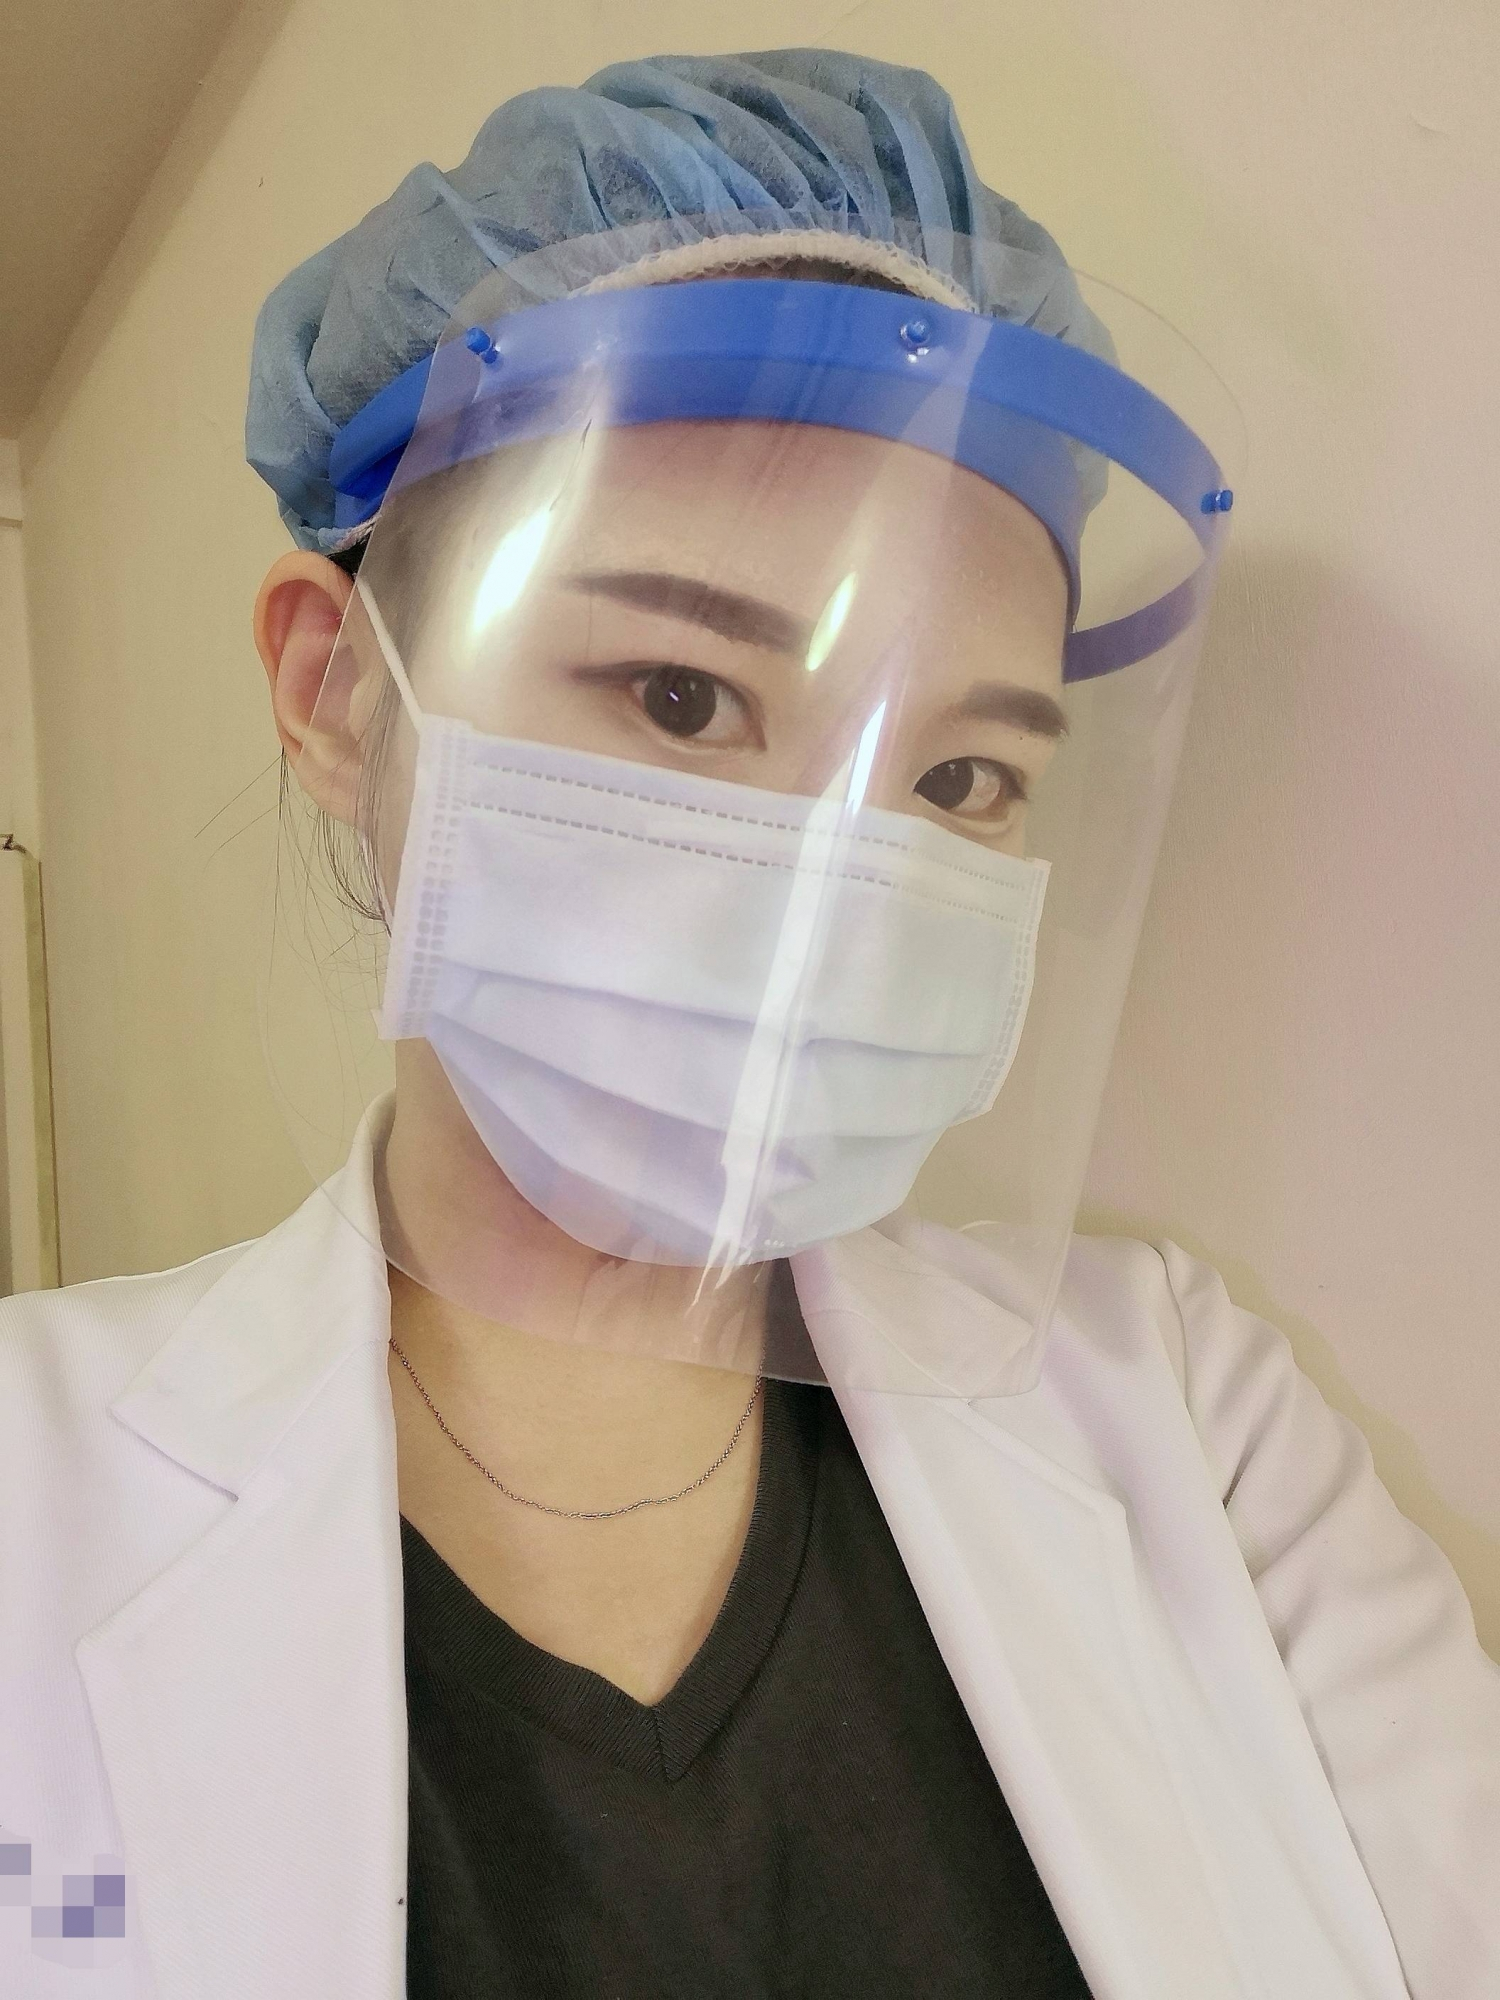 正妹医生「绿肥儿」网友:病人血压会下不来-新图包